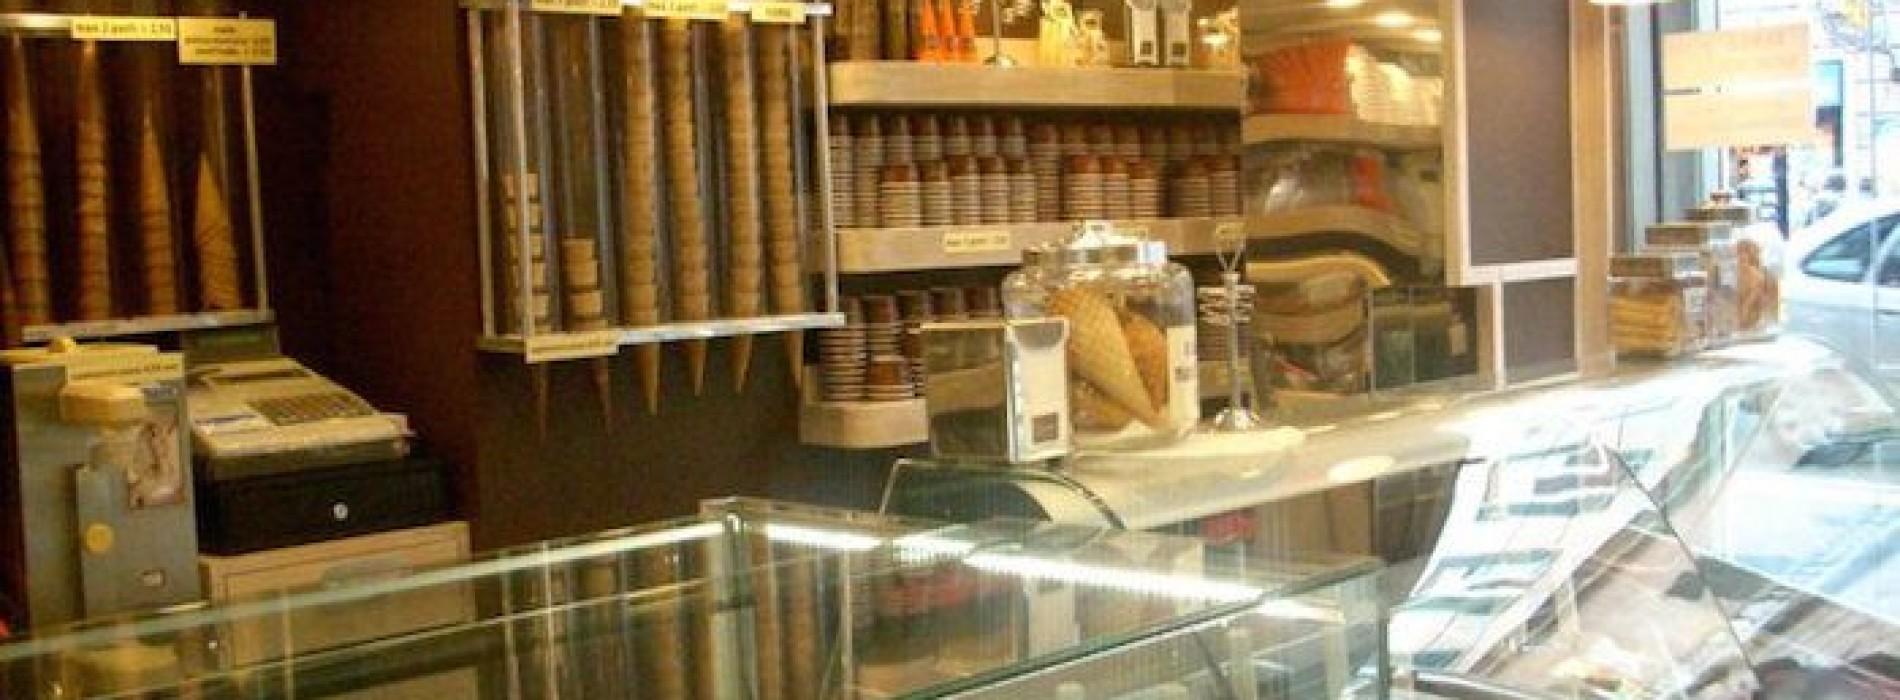 Le migliori gelaterie di Genova, dove gustare i gelati più buoni e i gusti più originali